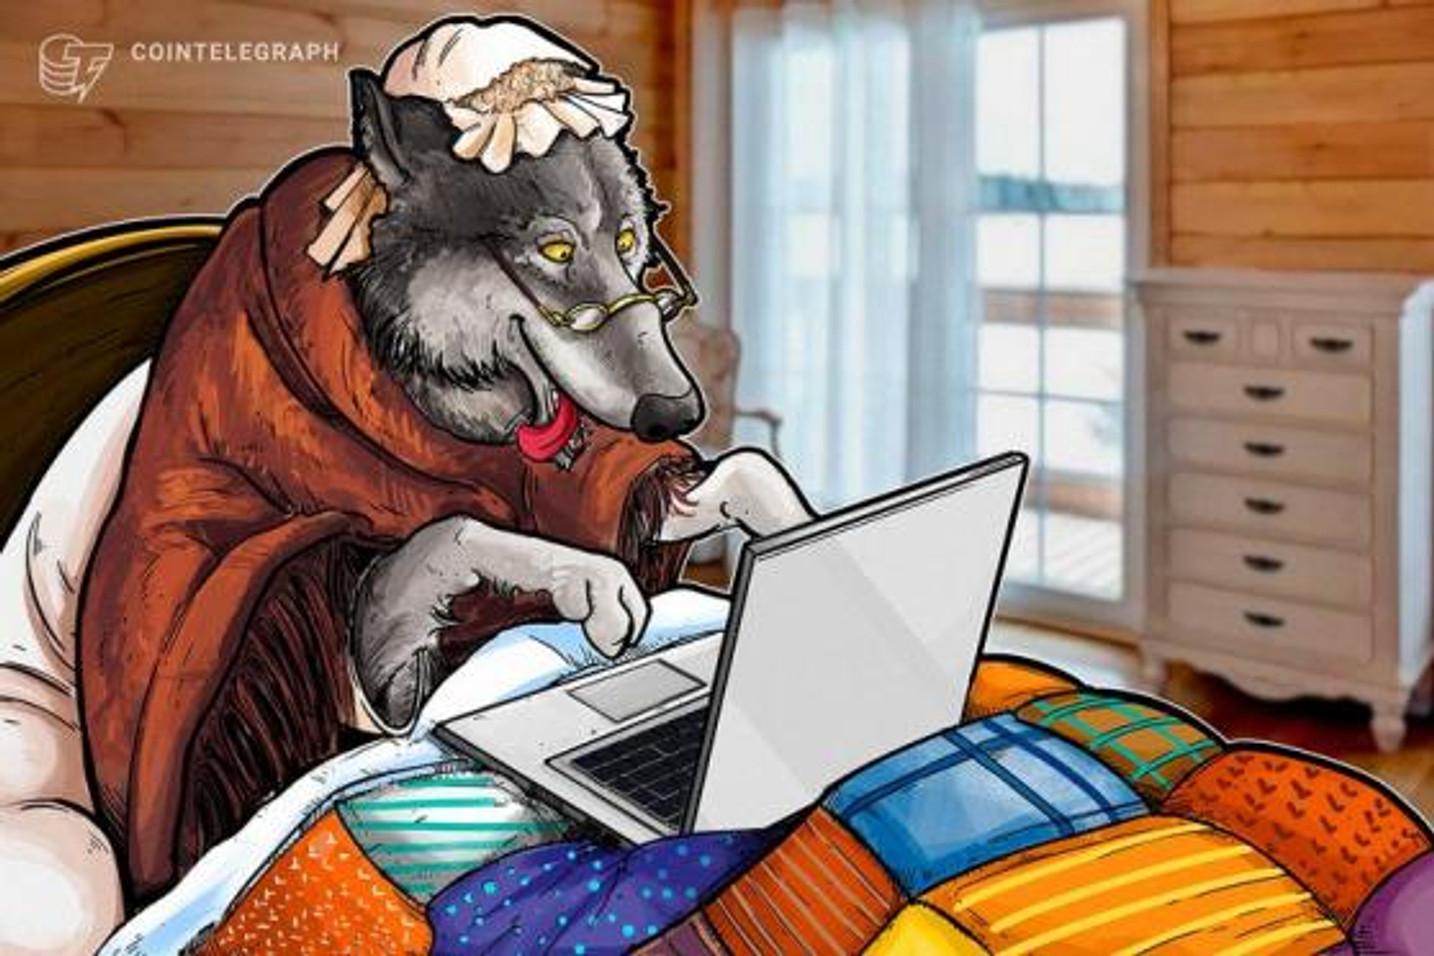 Lobo em pele de cordeiro? Facebook vai dar 'dicas' de privacidade para o Real Digital em evento do Banco Central